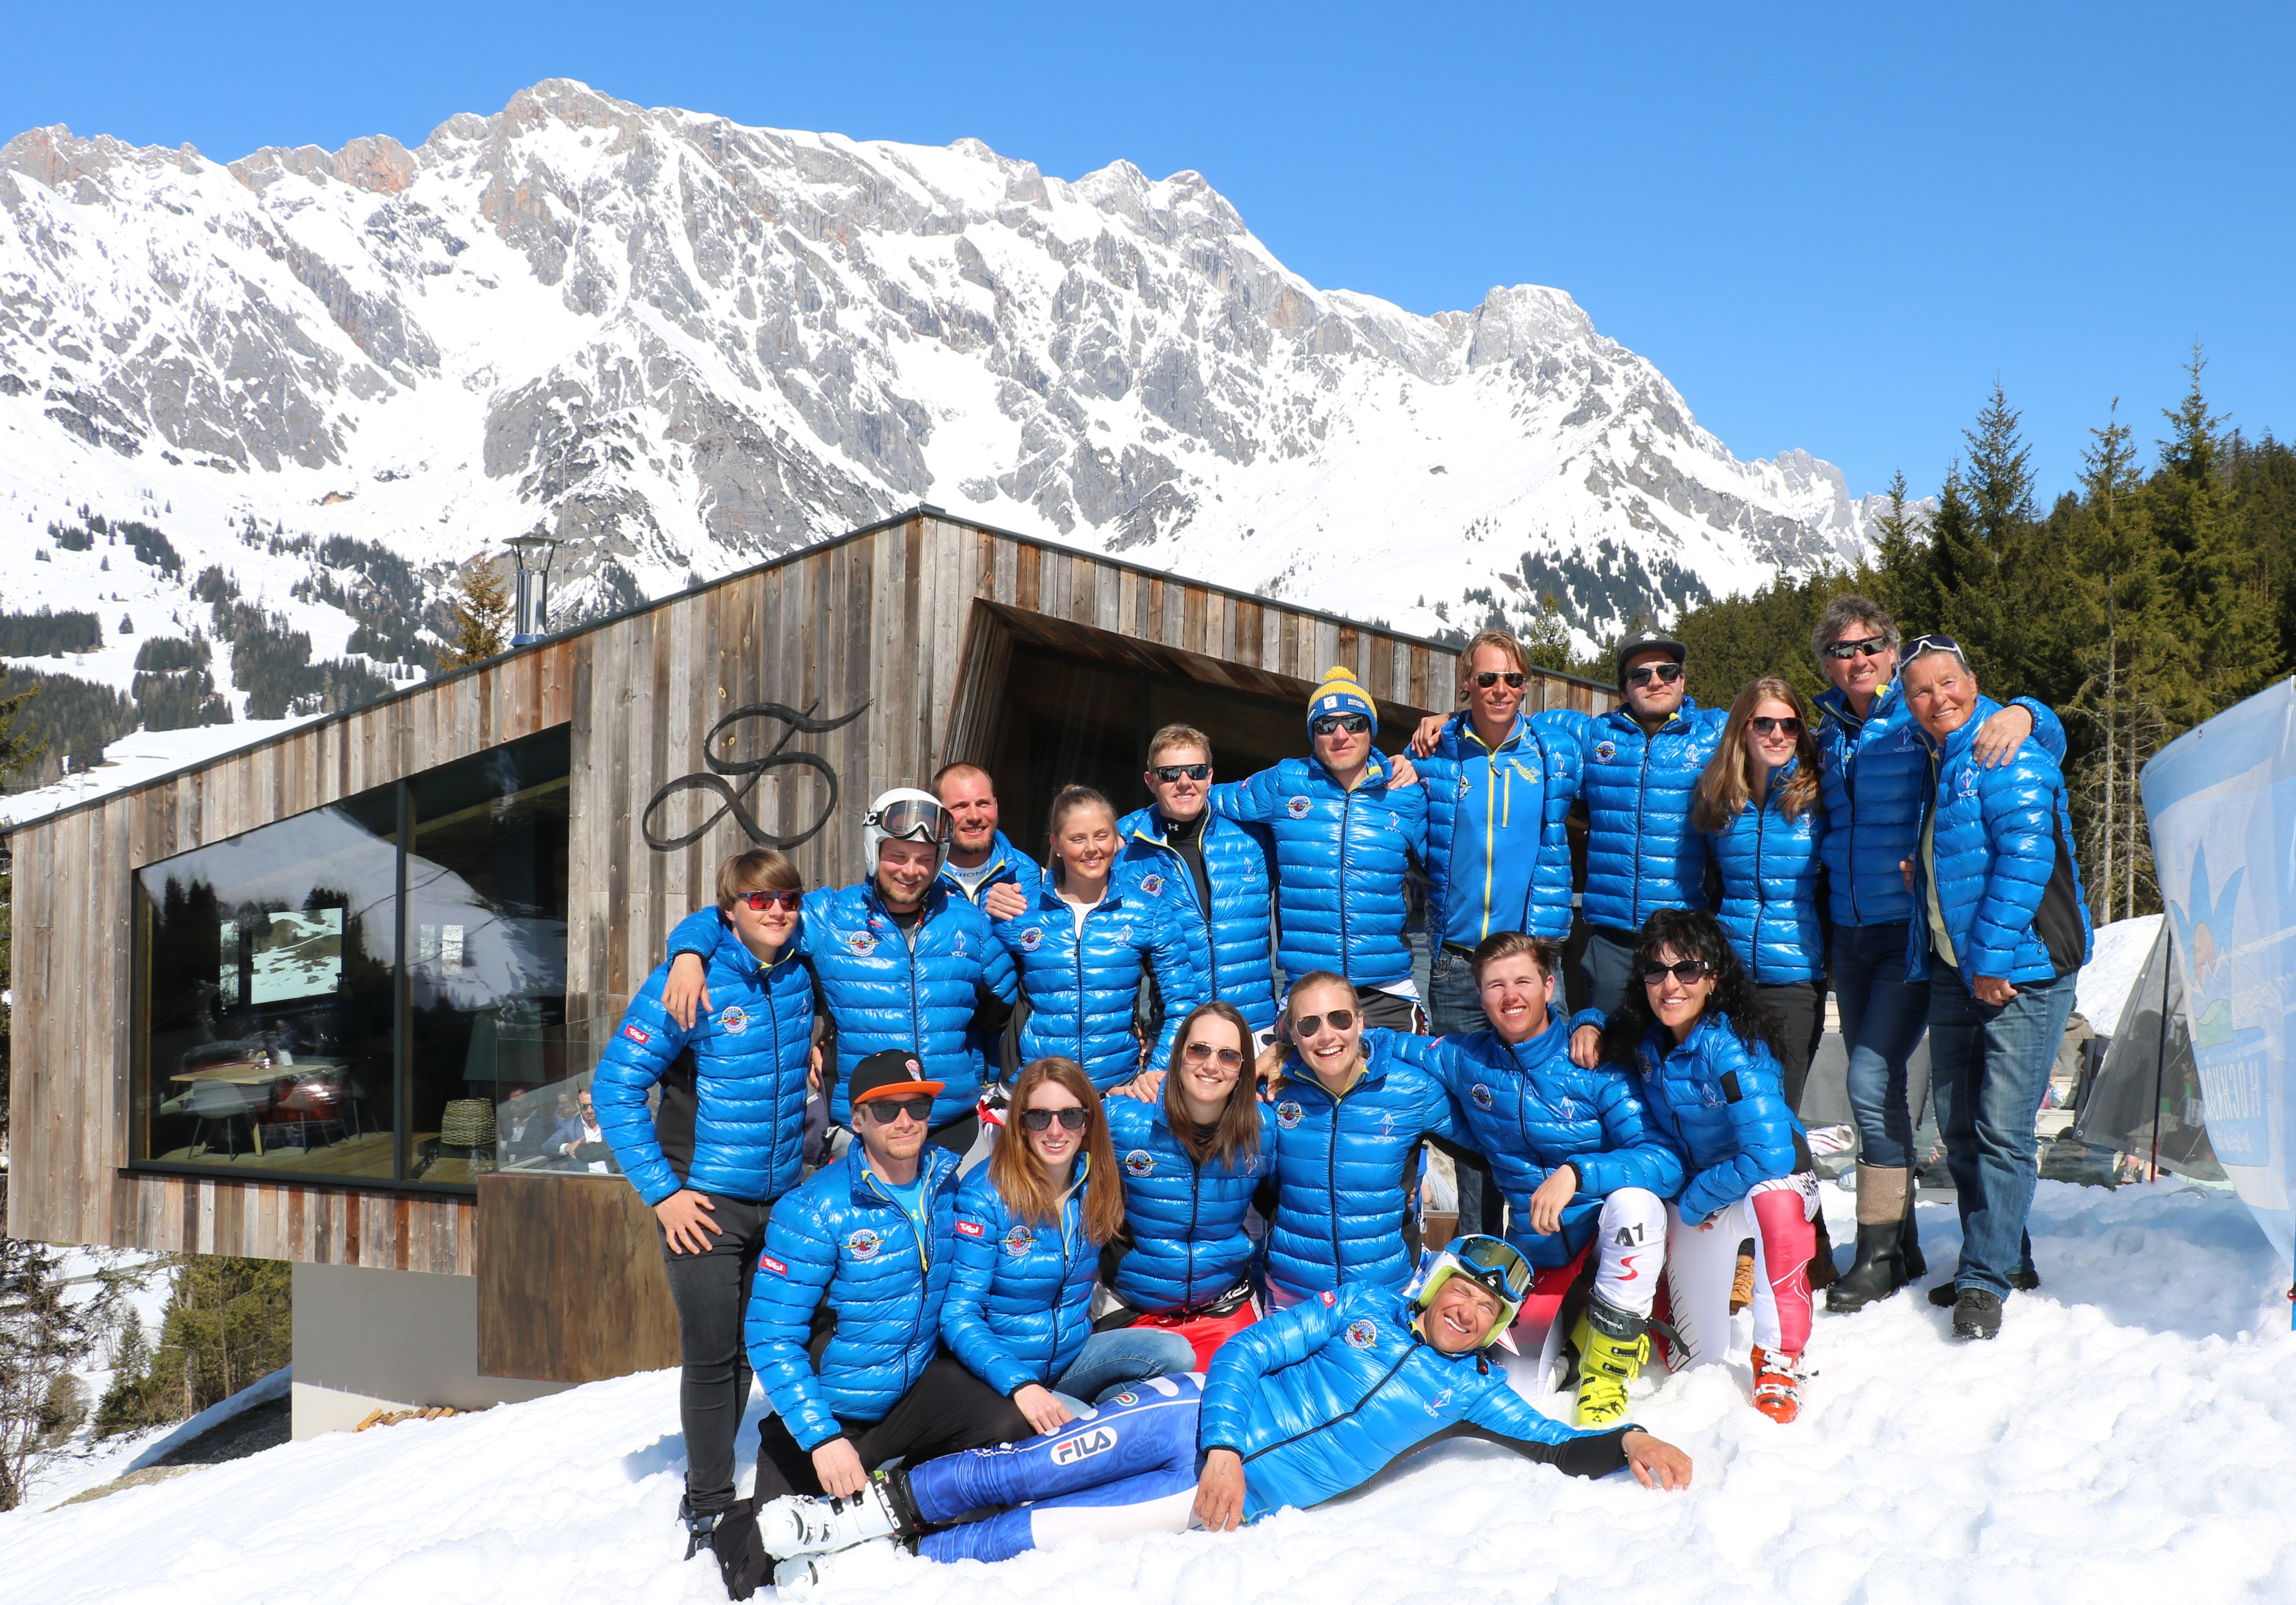 Zum Saisonabschluss stellt die Österreichische Skilehrermeisterschaft stets noch ein besonderes Highlight dar. Am 7. April kämpften die besten Skischulen aus ganz Österreich in Dienten am Hochkönig um den begehrten Meistertitel und zum vierten Mal innerhalb von 5 Jahren stand das Team der Skischule Reith bei Kitzbühel auf dem Podest. Und heuer sogar ganz oben. Das Team mit Magdalena Mayrhofer, Bernhard Gandler, Joachim Hauser und Stefan Bauer siegte und holte damit den Staatsmeistertitel der Skilehrer nach Reith bei Kitzbühel